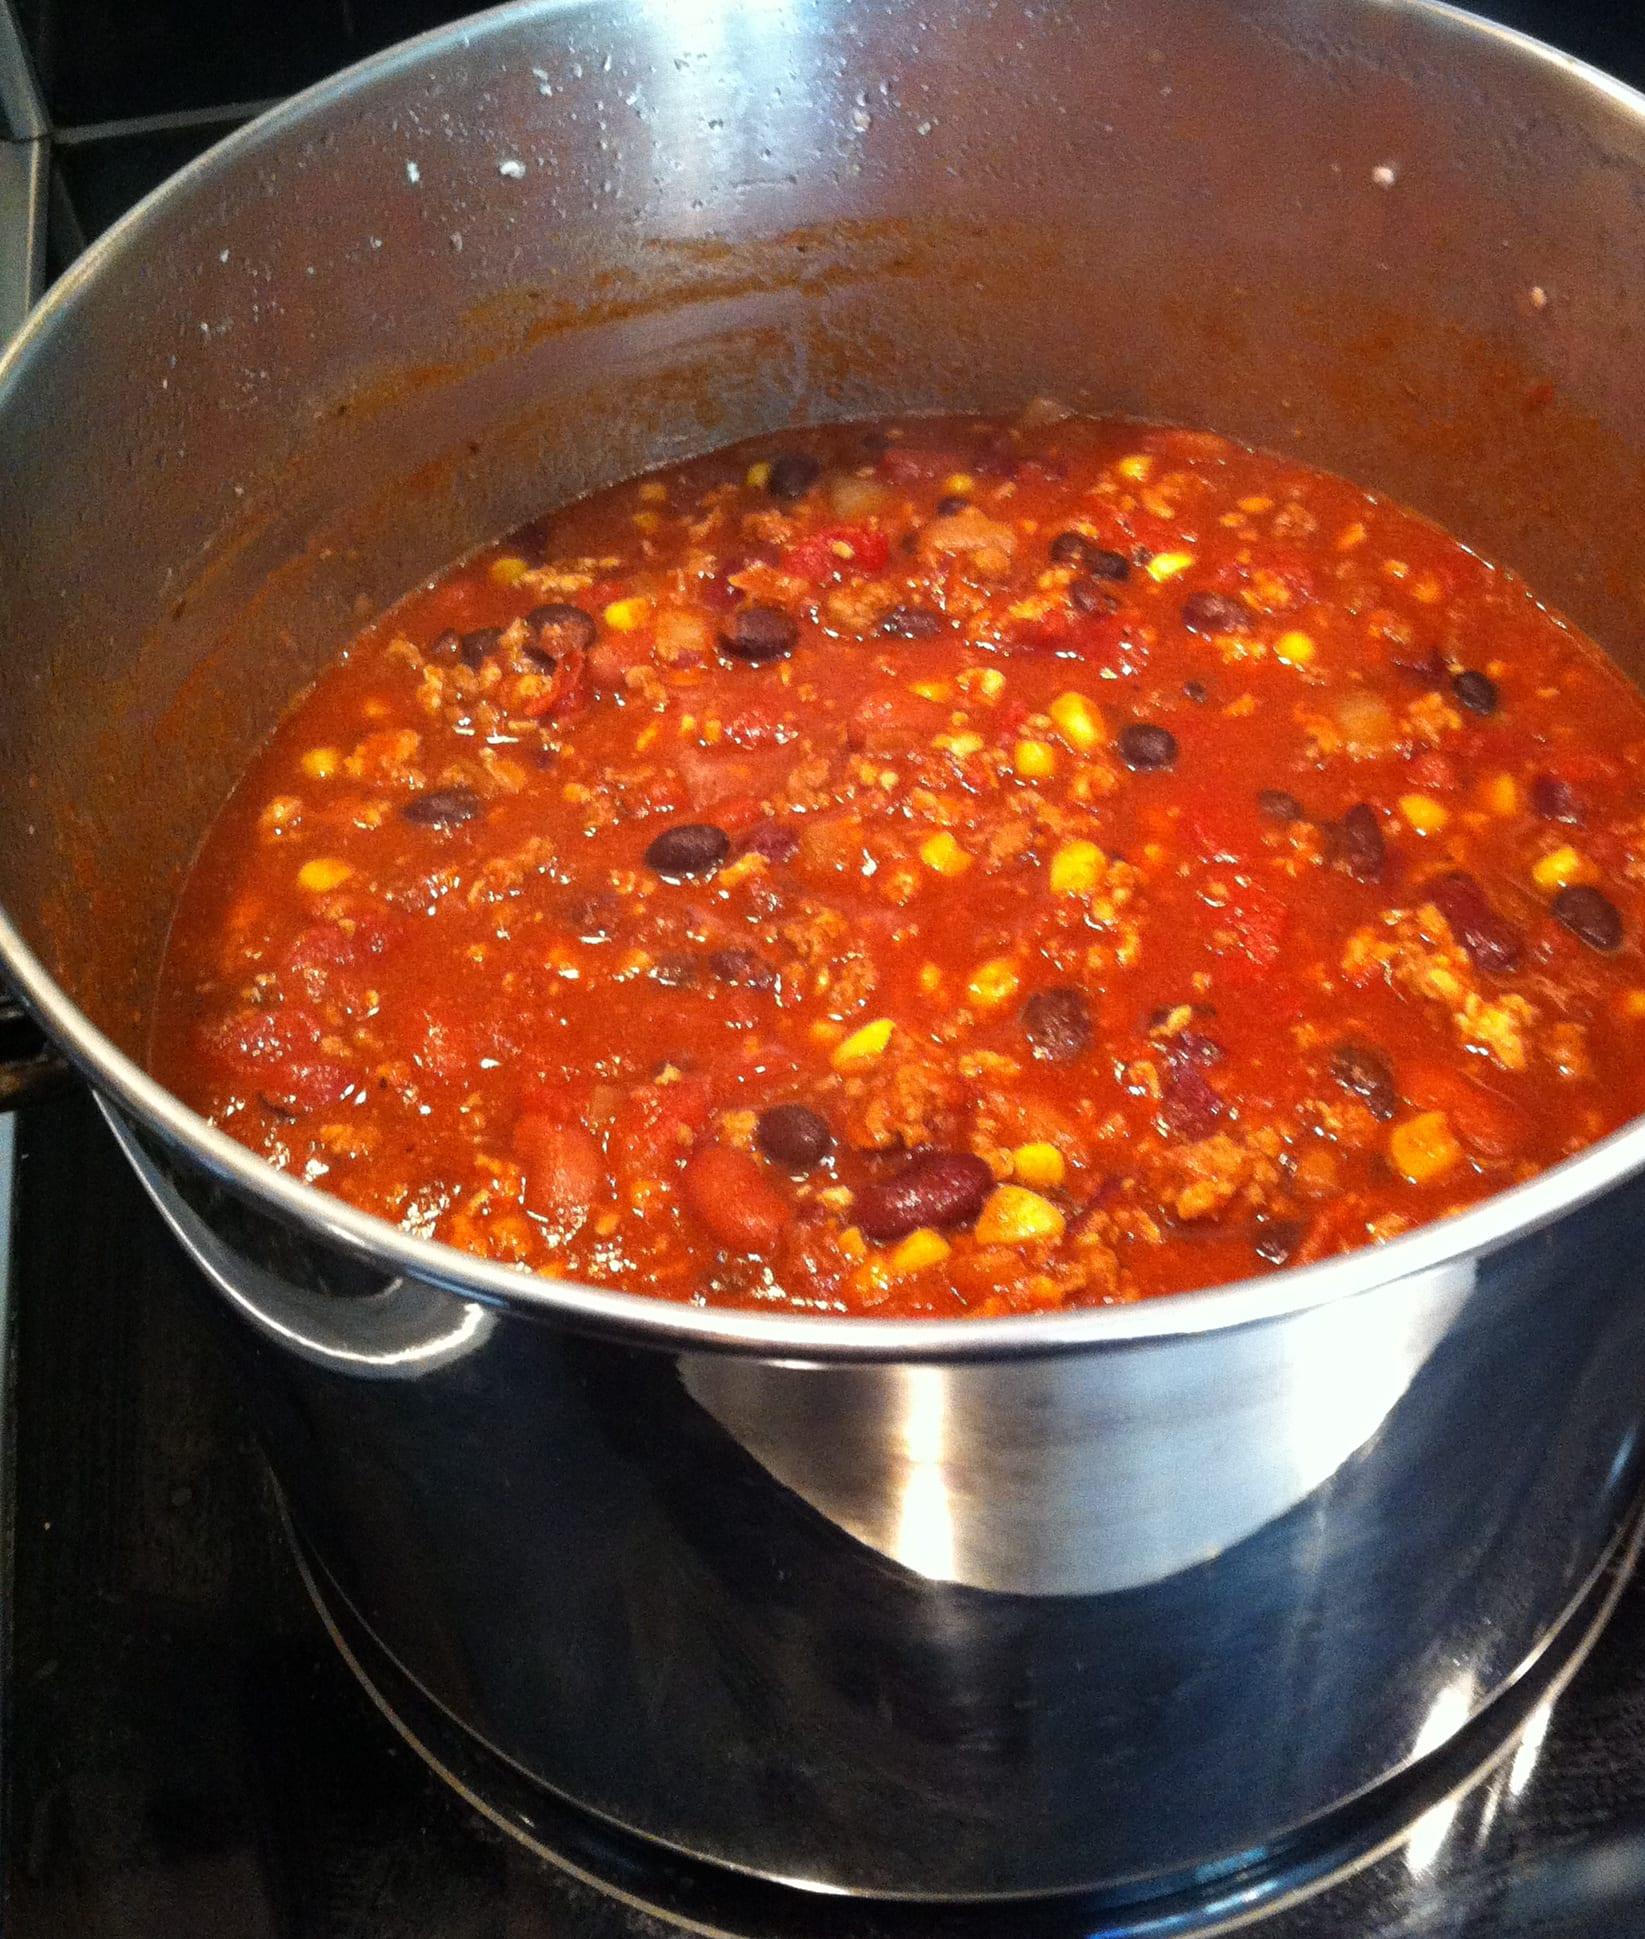 One Pot Chili